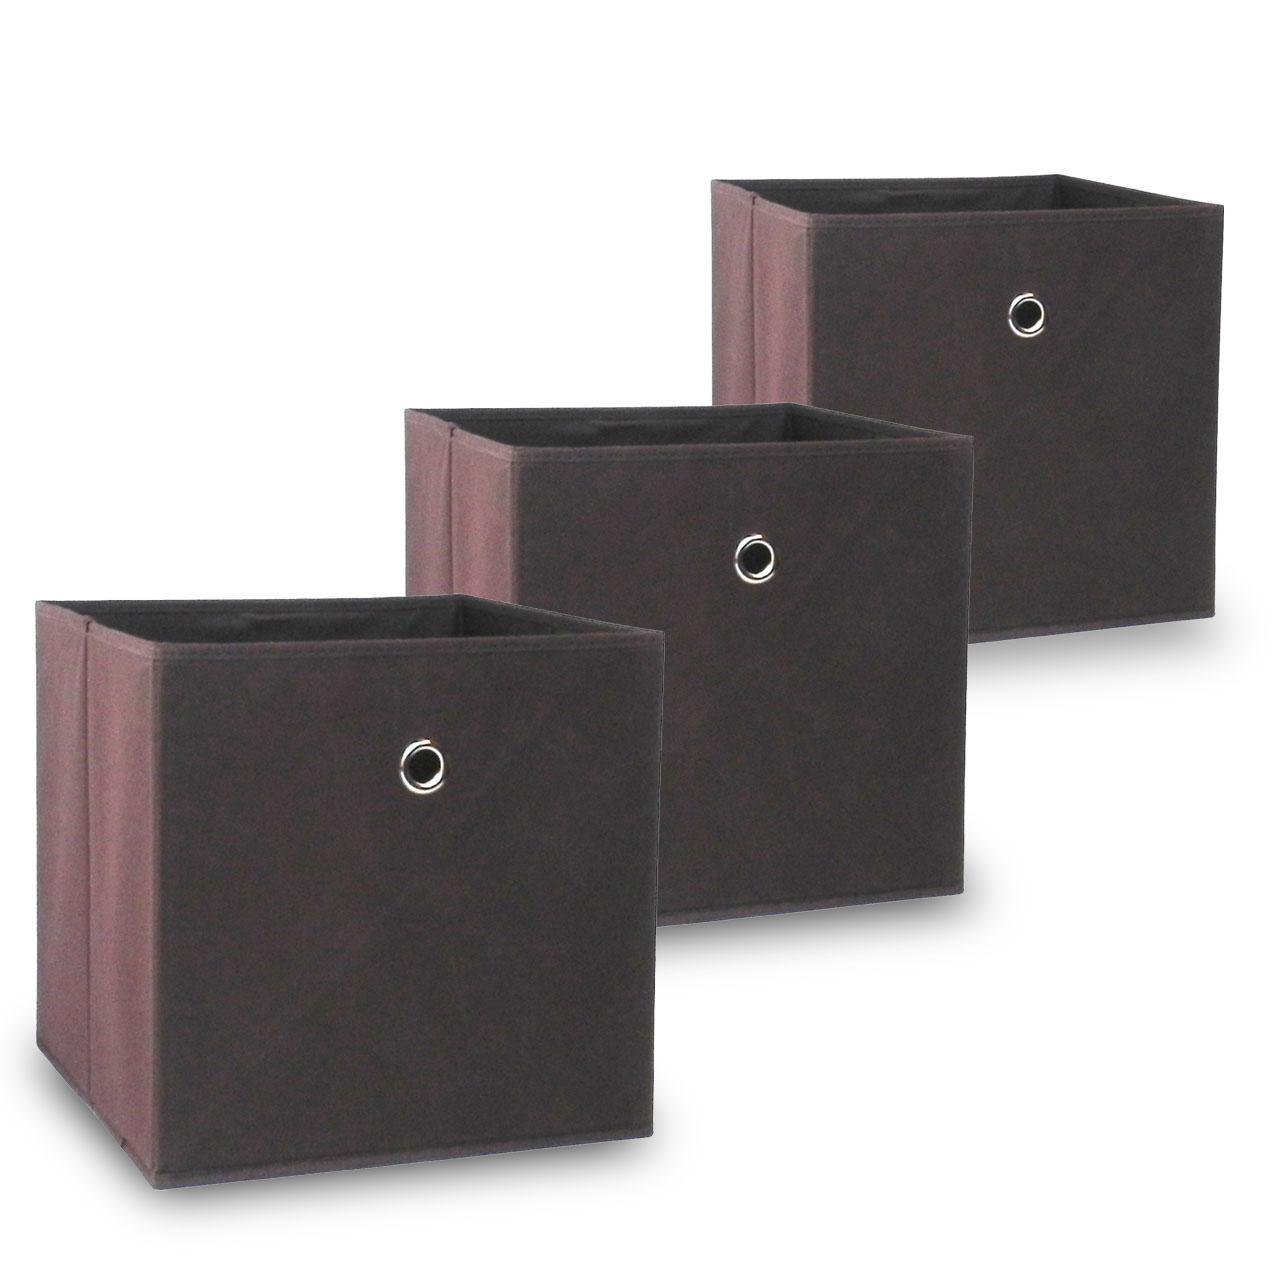 aufbewahrungsbox braun